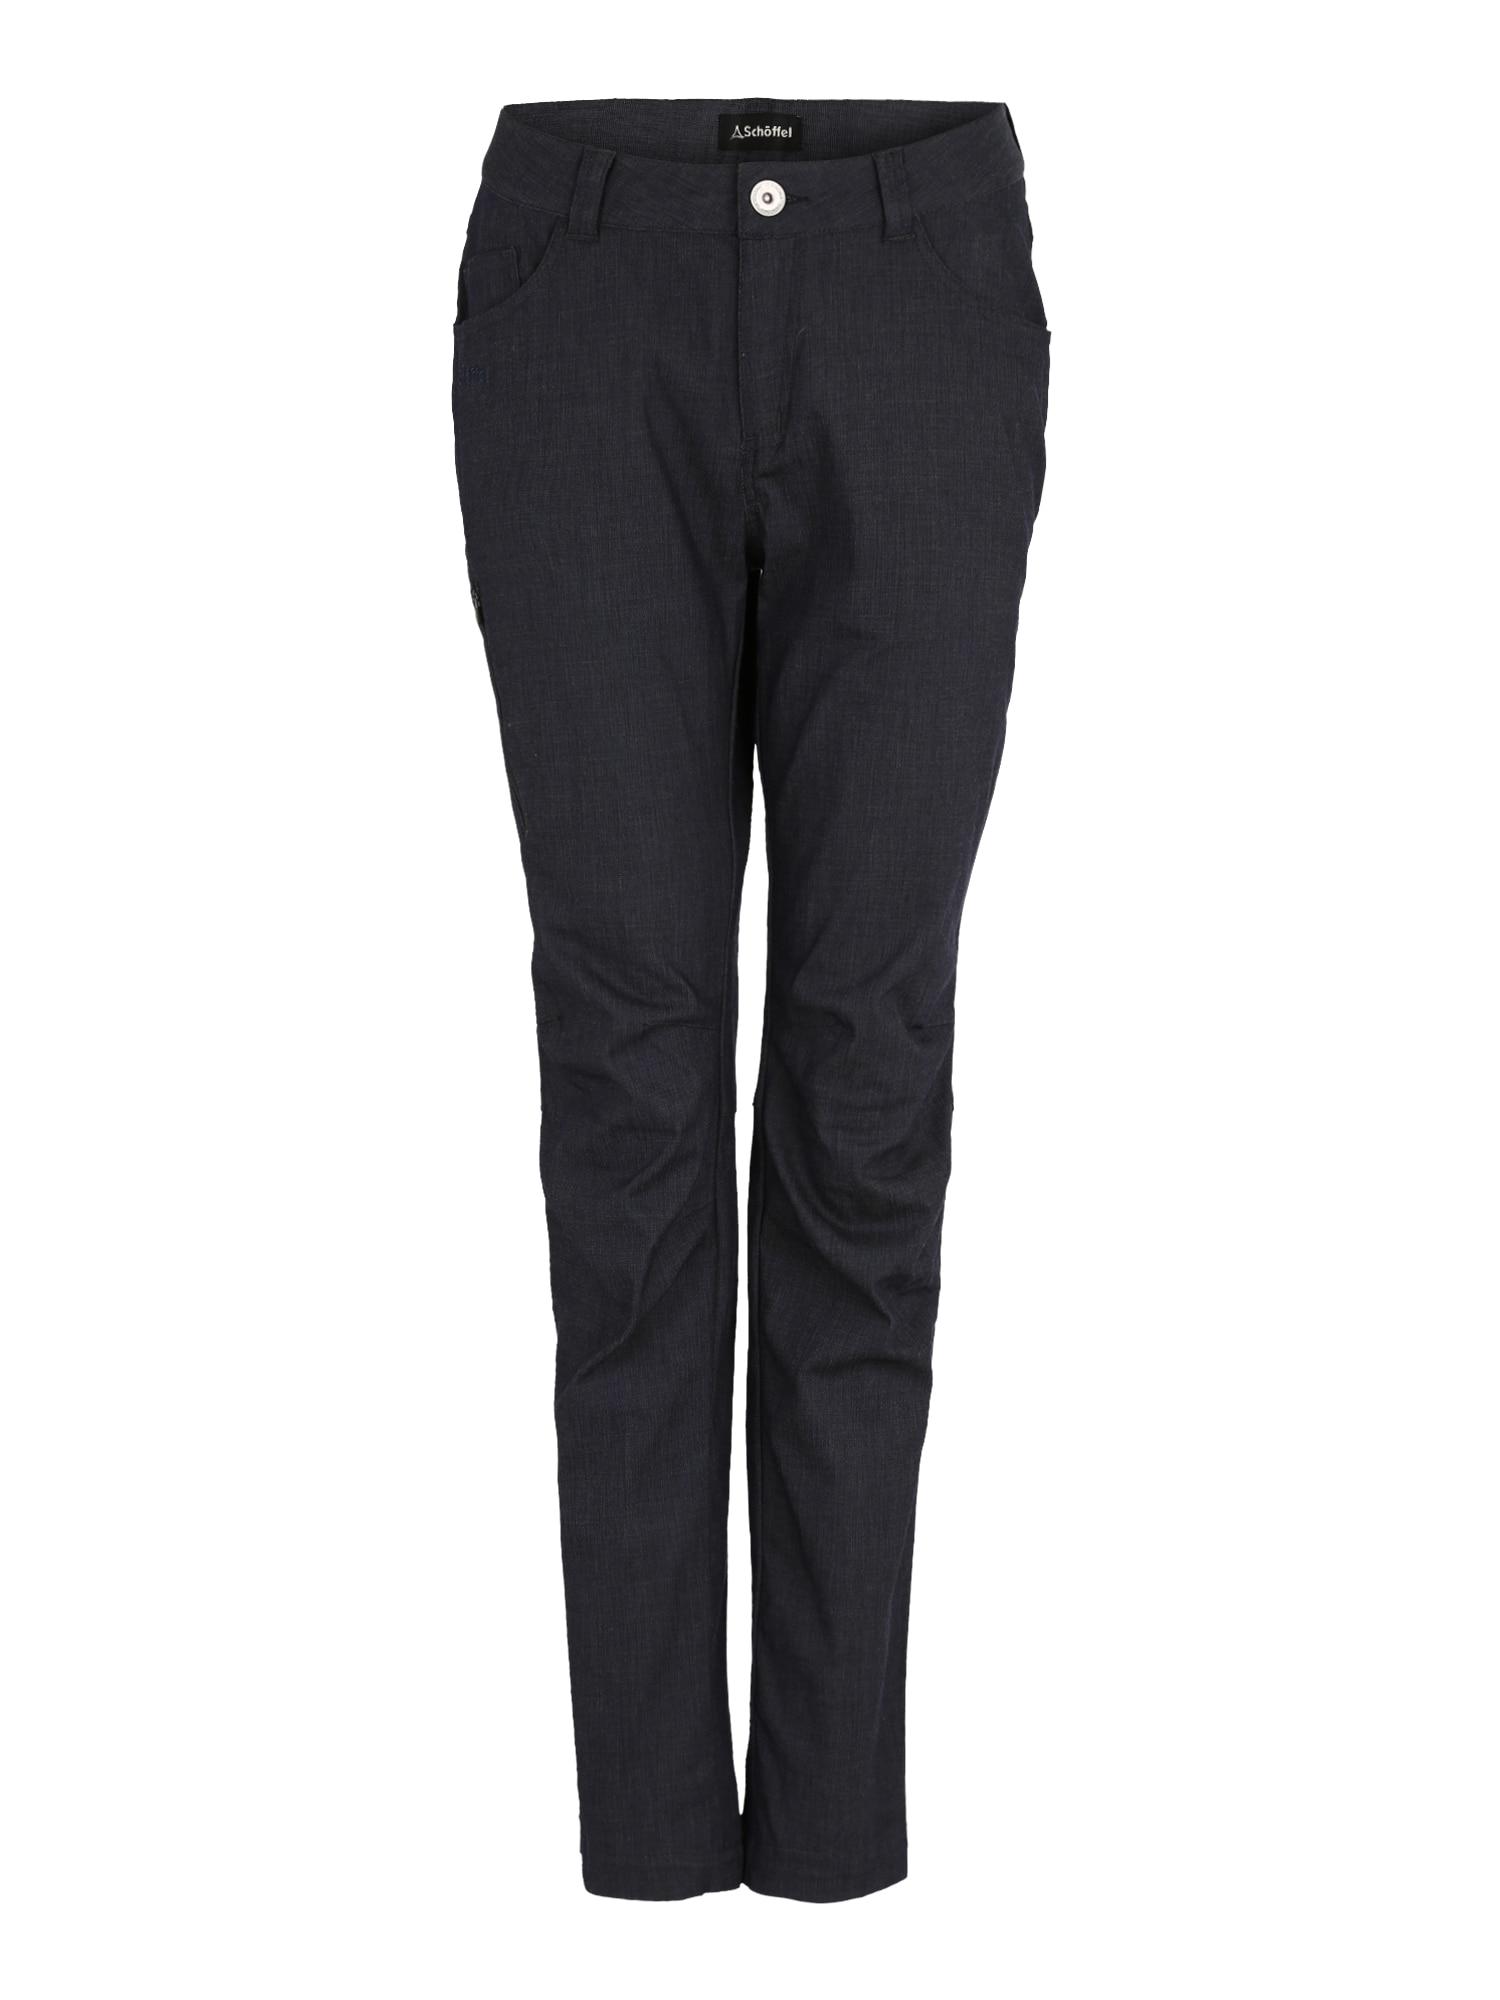 Sportovní kalhoty Alicante antracitová tmavě šedá Schöffel